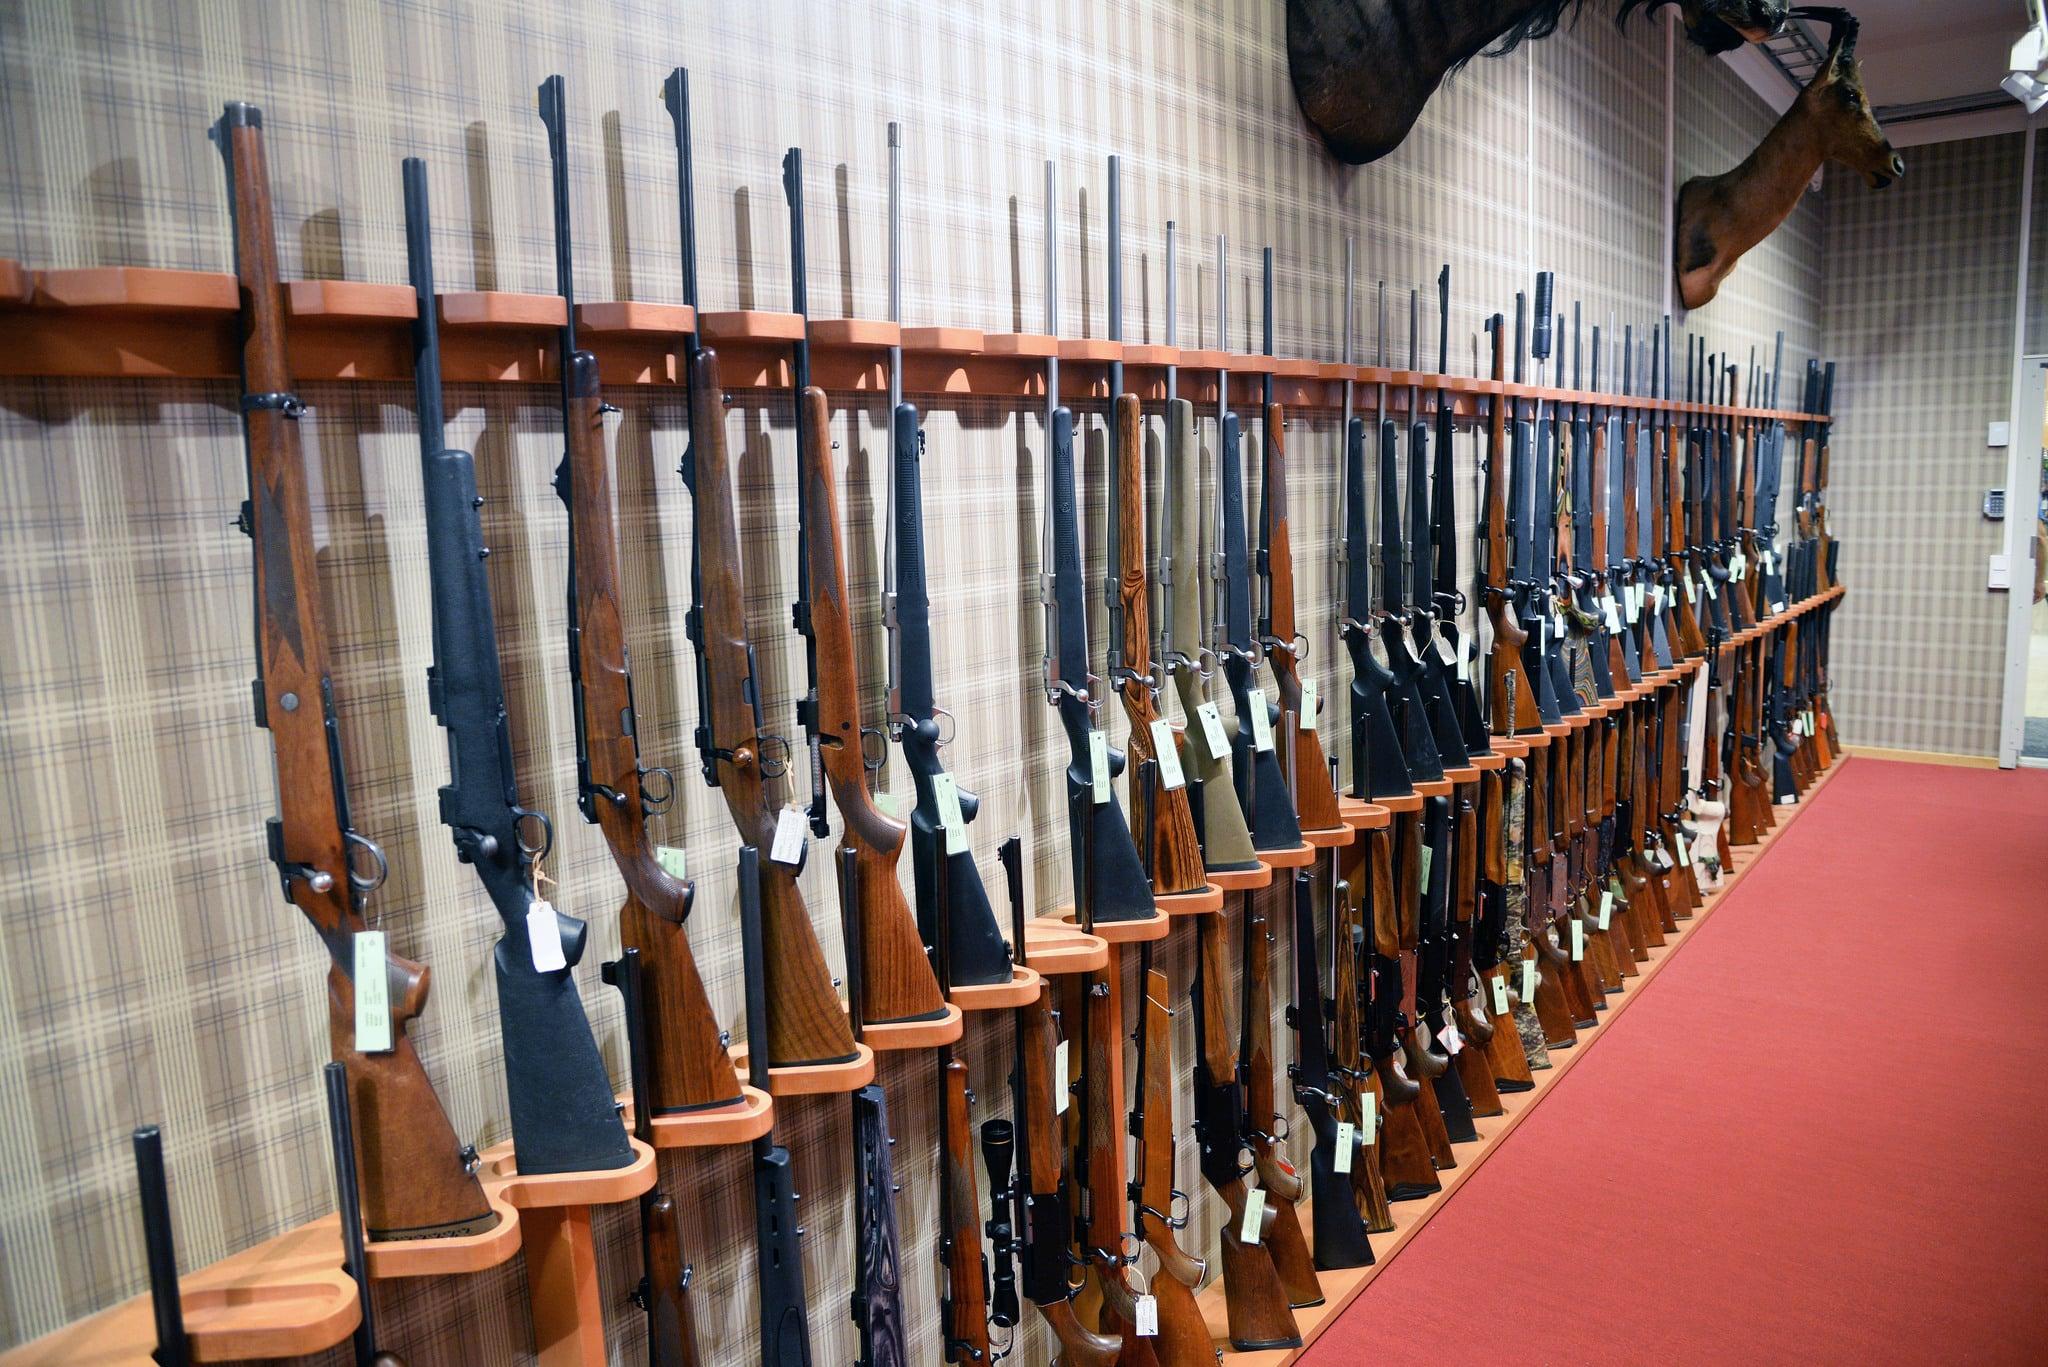 Företrädare för tre borgerliga partier vill att handläggningstiderna vid licensprövning av jaktvapen och vapen för prickskytteändamål ska vara likartade i hela landet. Foto: Lars-Henrik Andersson